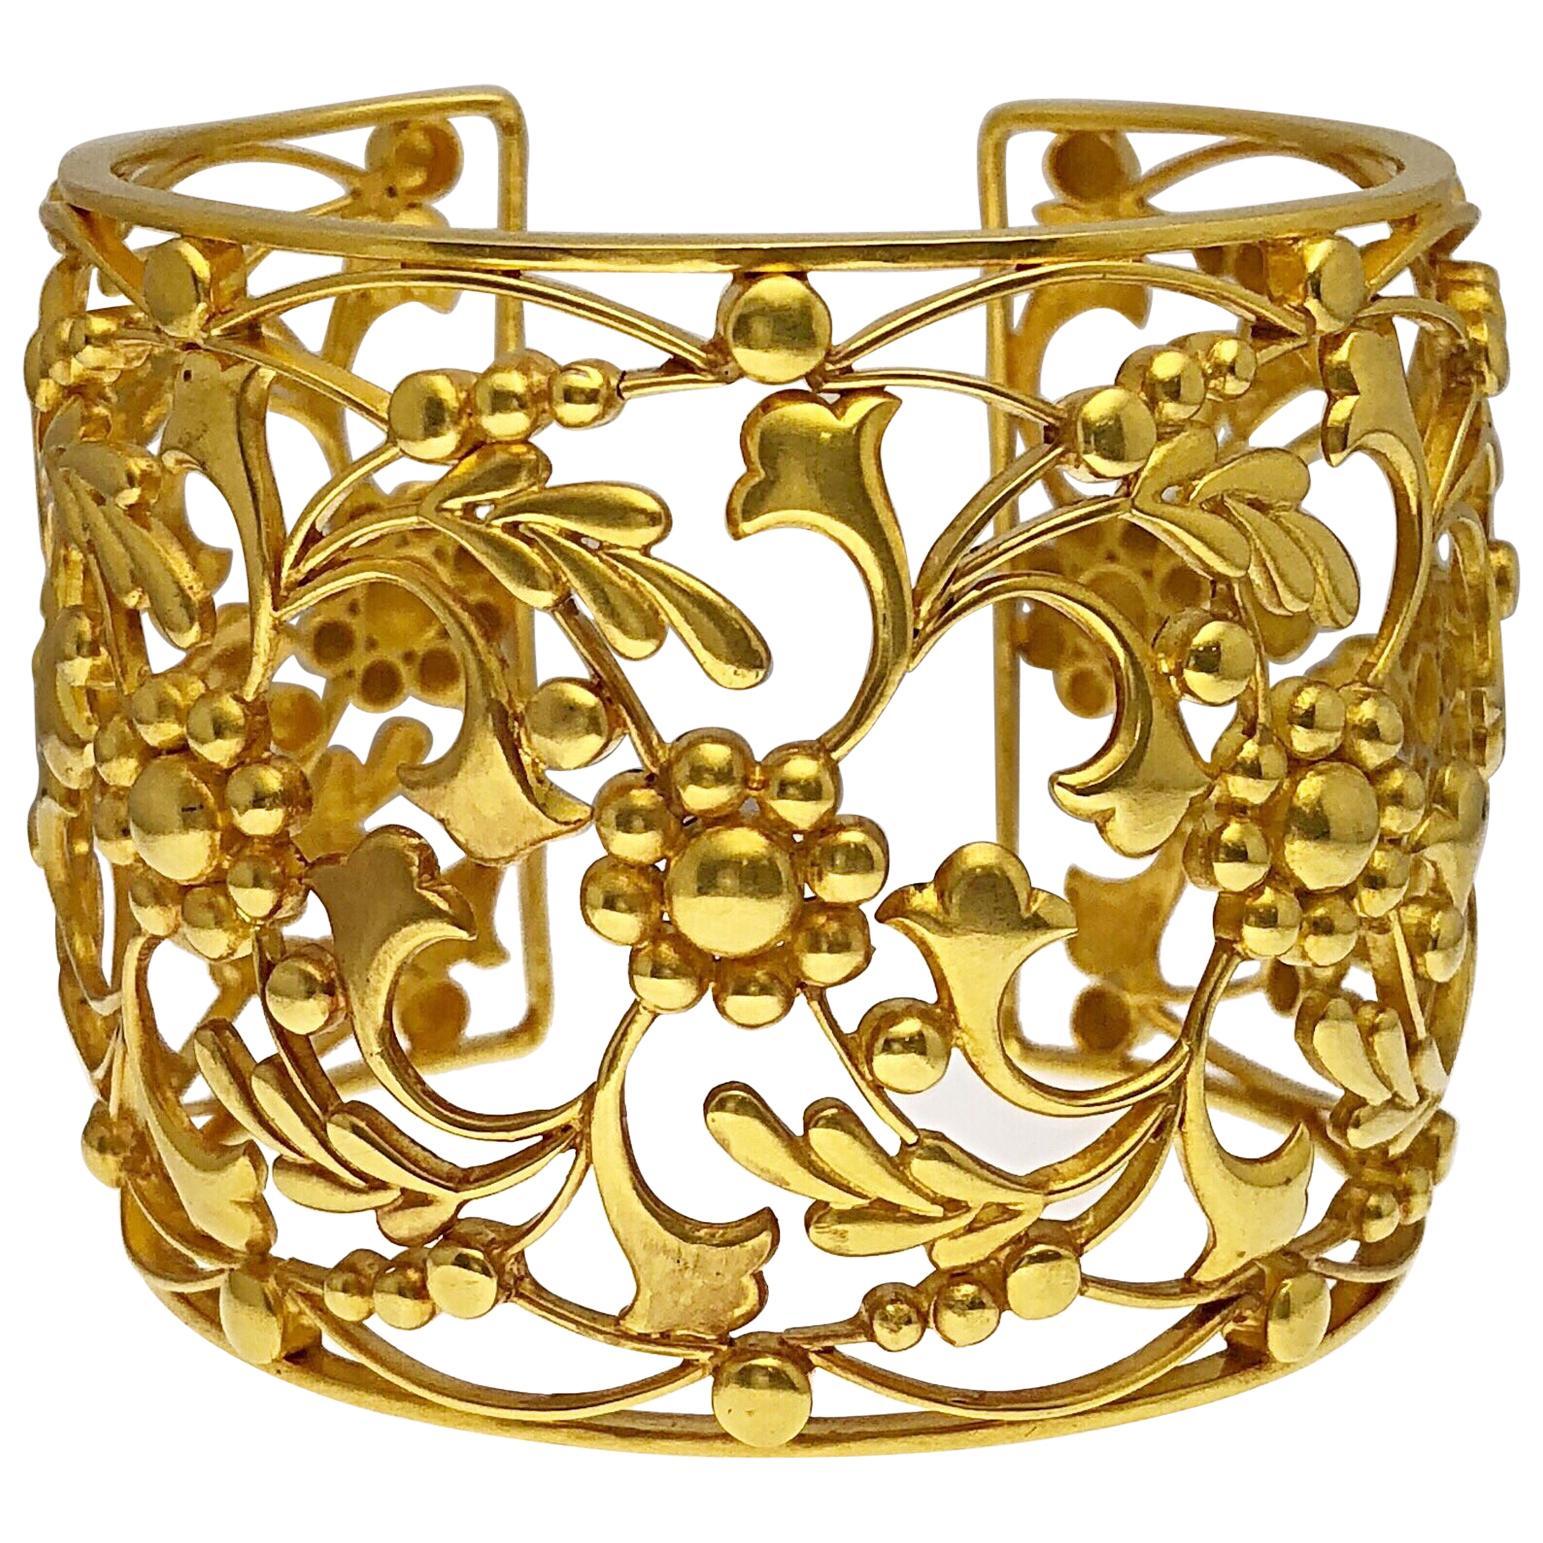 18th Century Cuff Bracelets